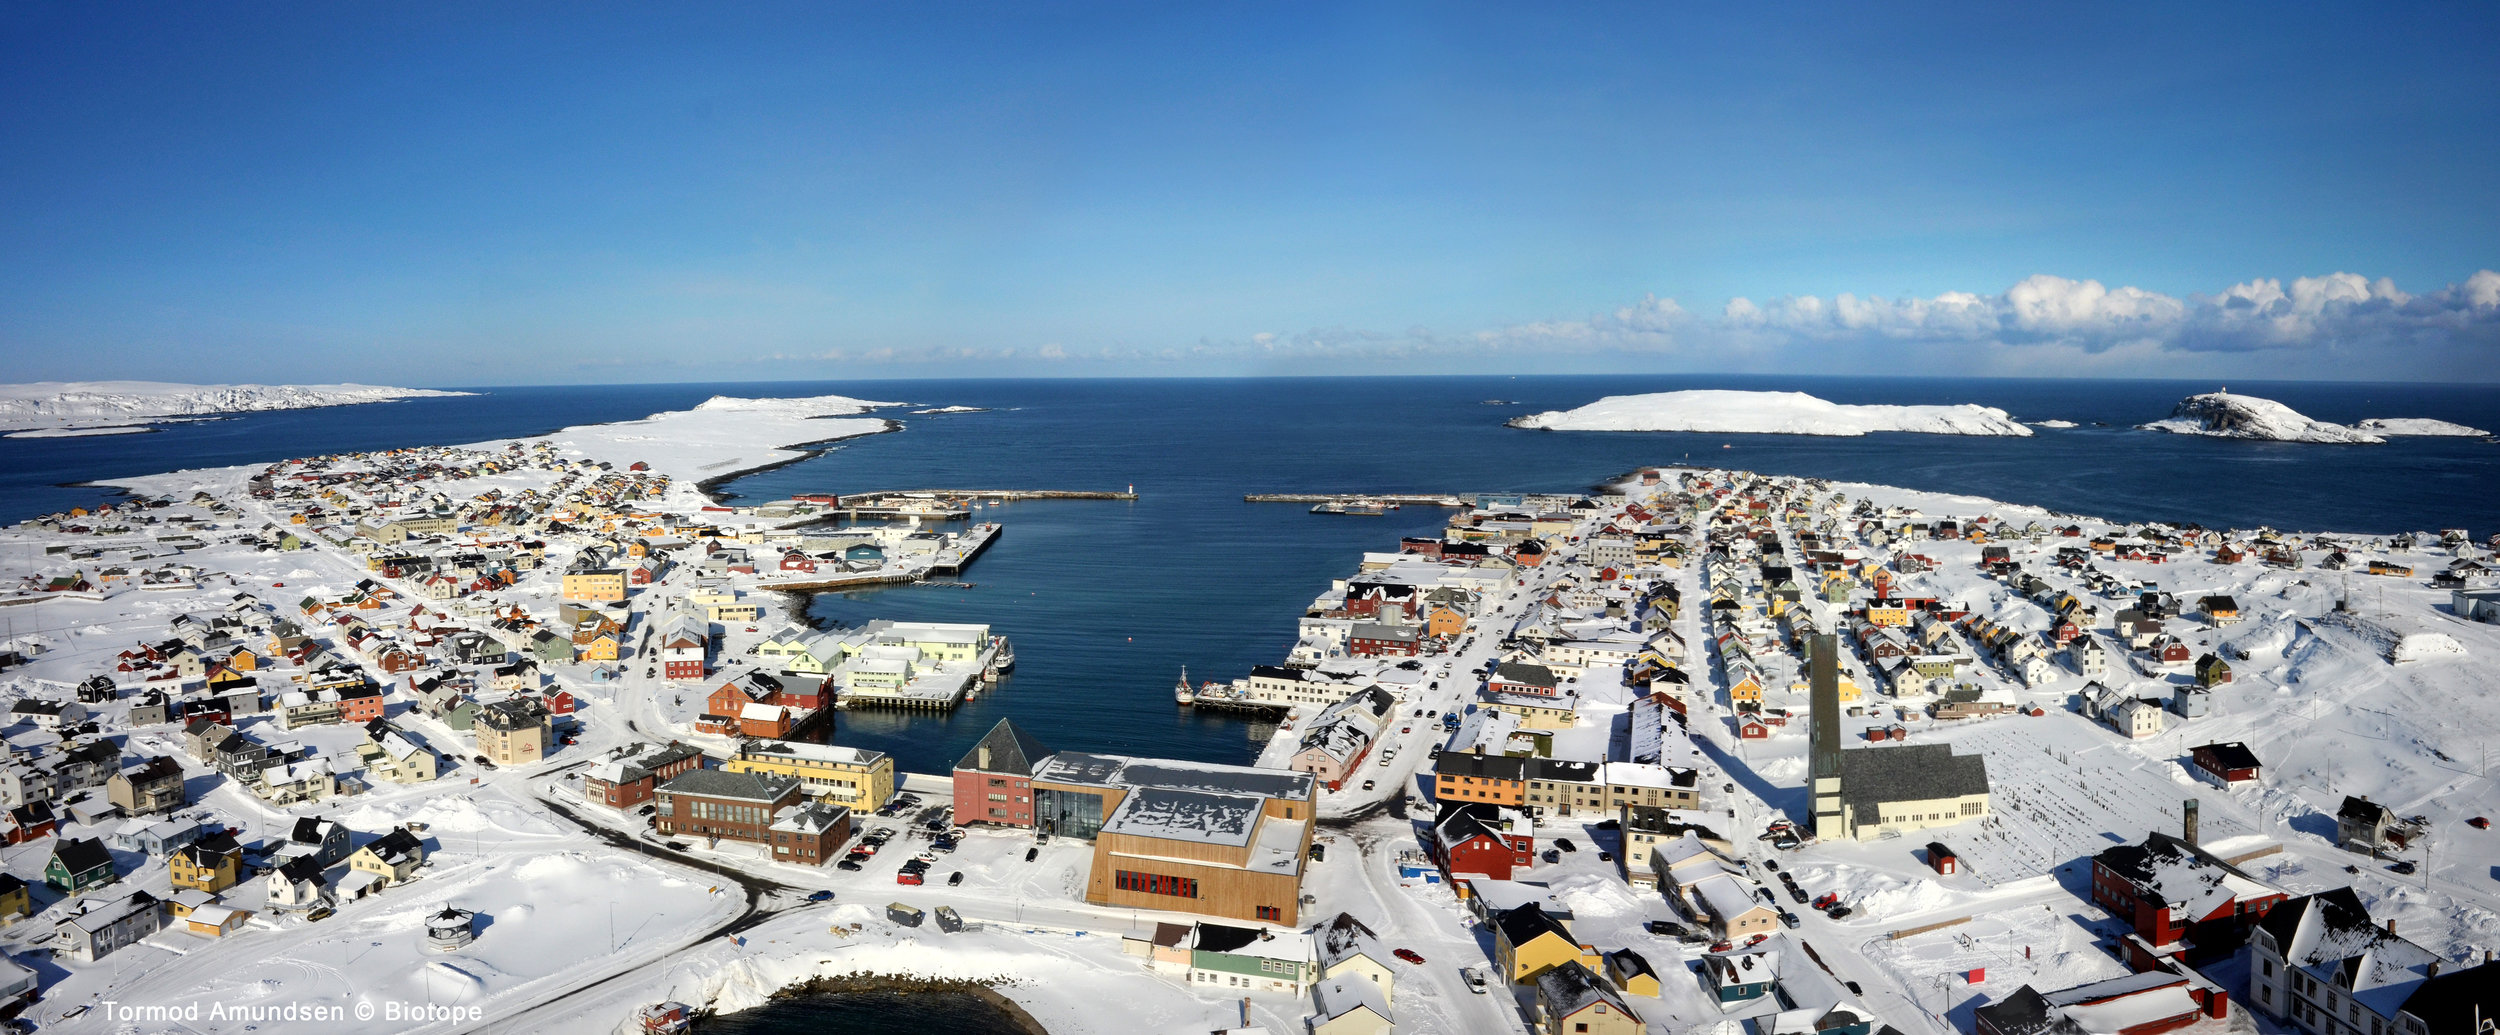 Flyfoto av Vardø by. Rådhuset og kulturhuset i midten. Bak ligger Vardø havn. Oppe til høyre ligger Reinøya og Hornøya.